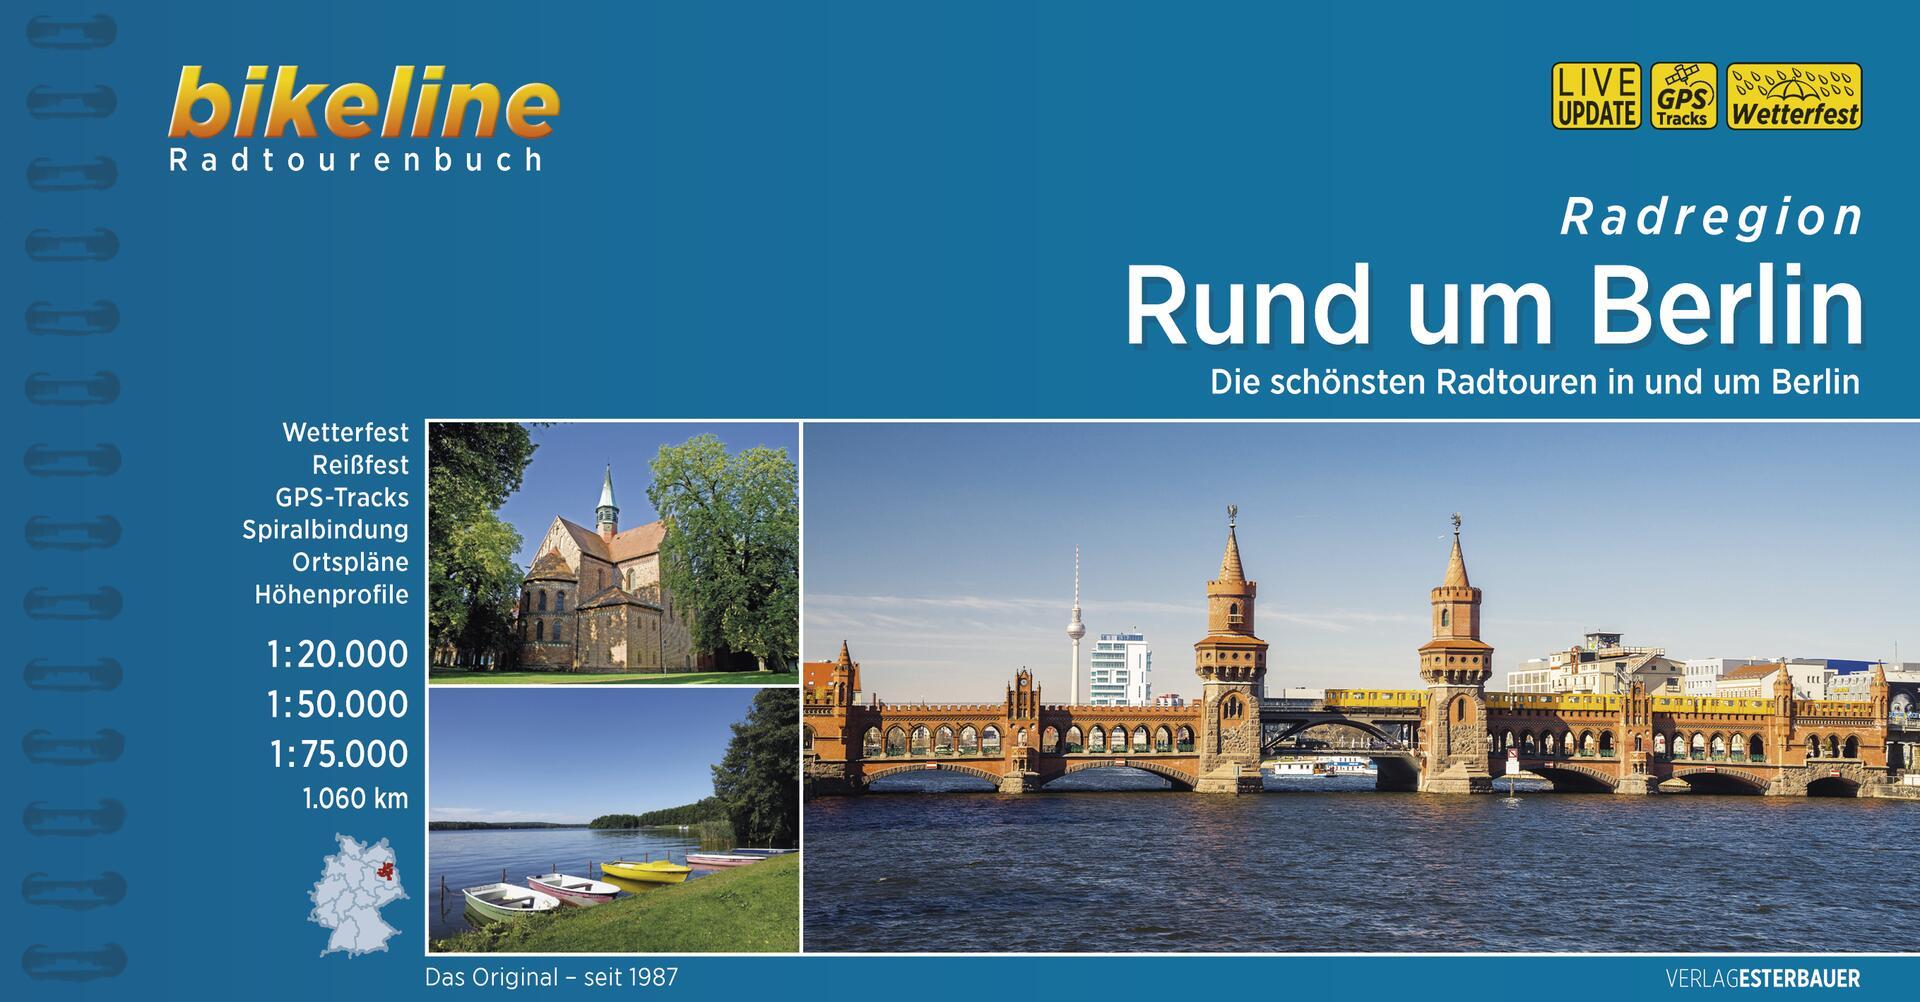 Foto vom Radregion Rund um Berlin